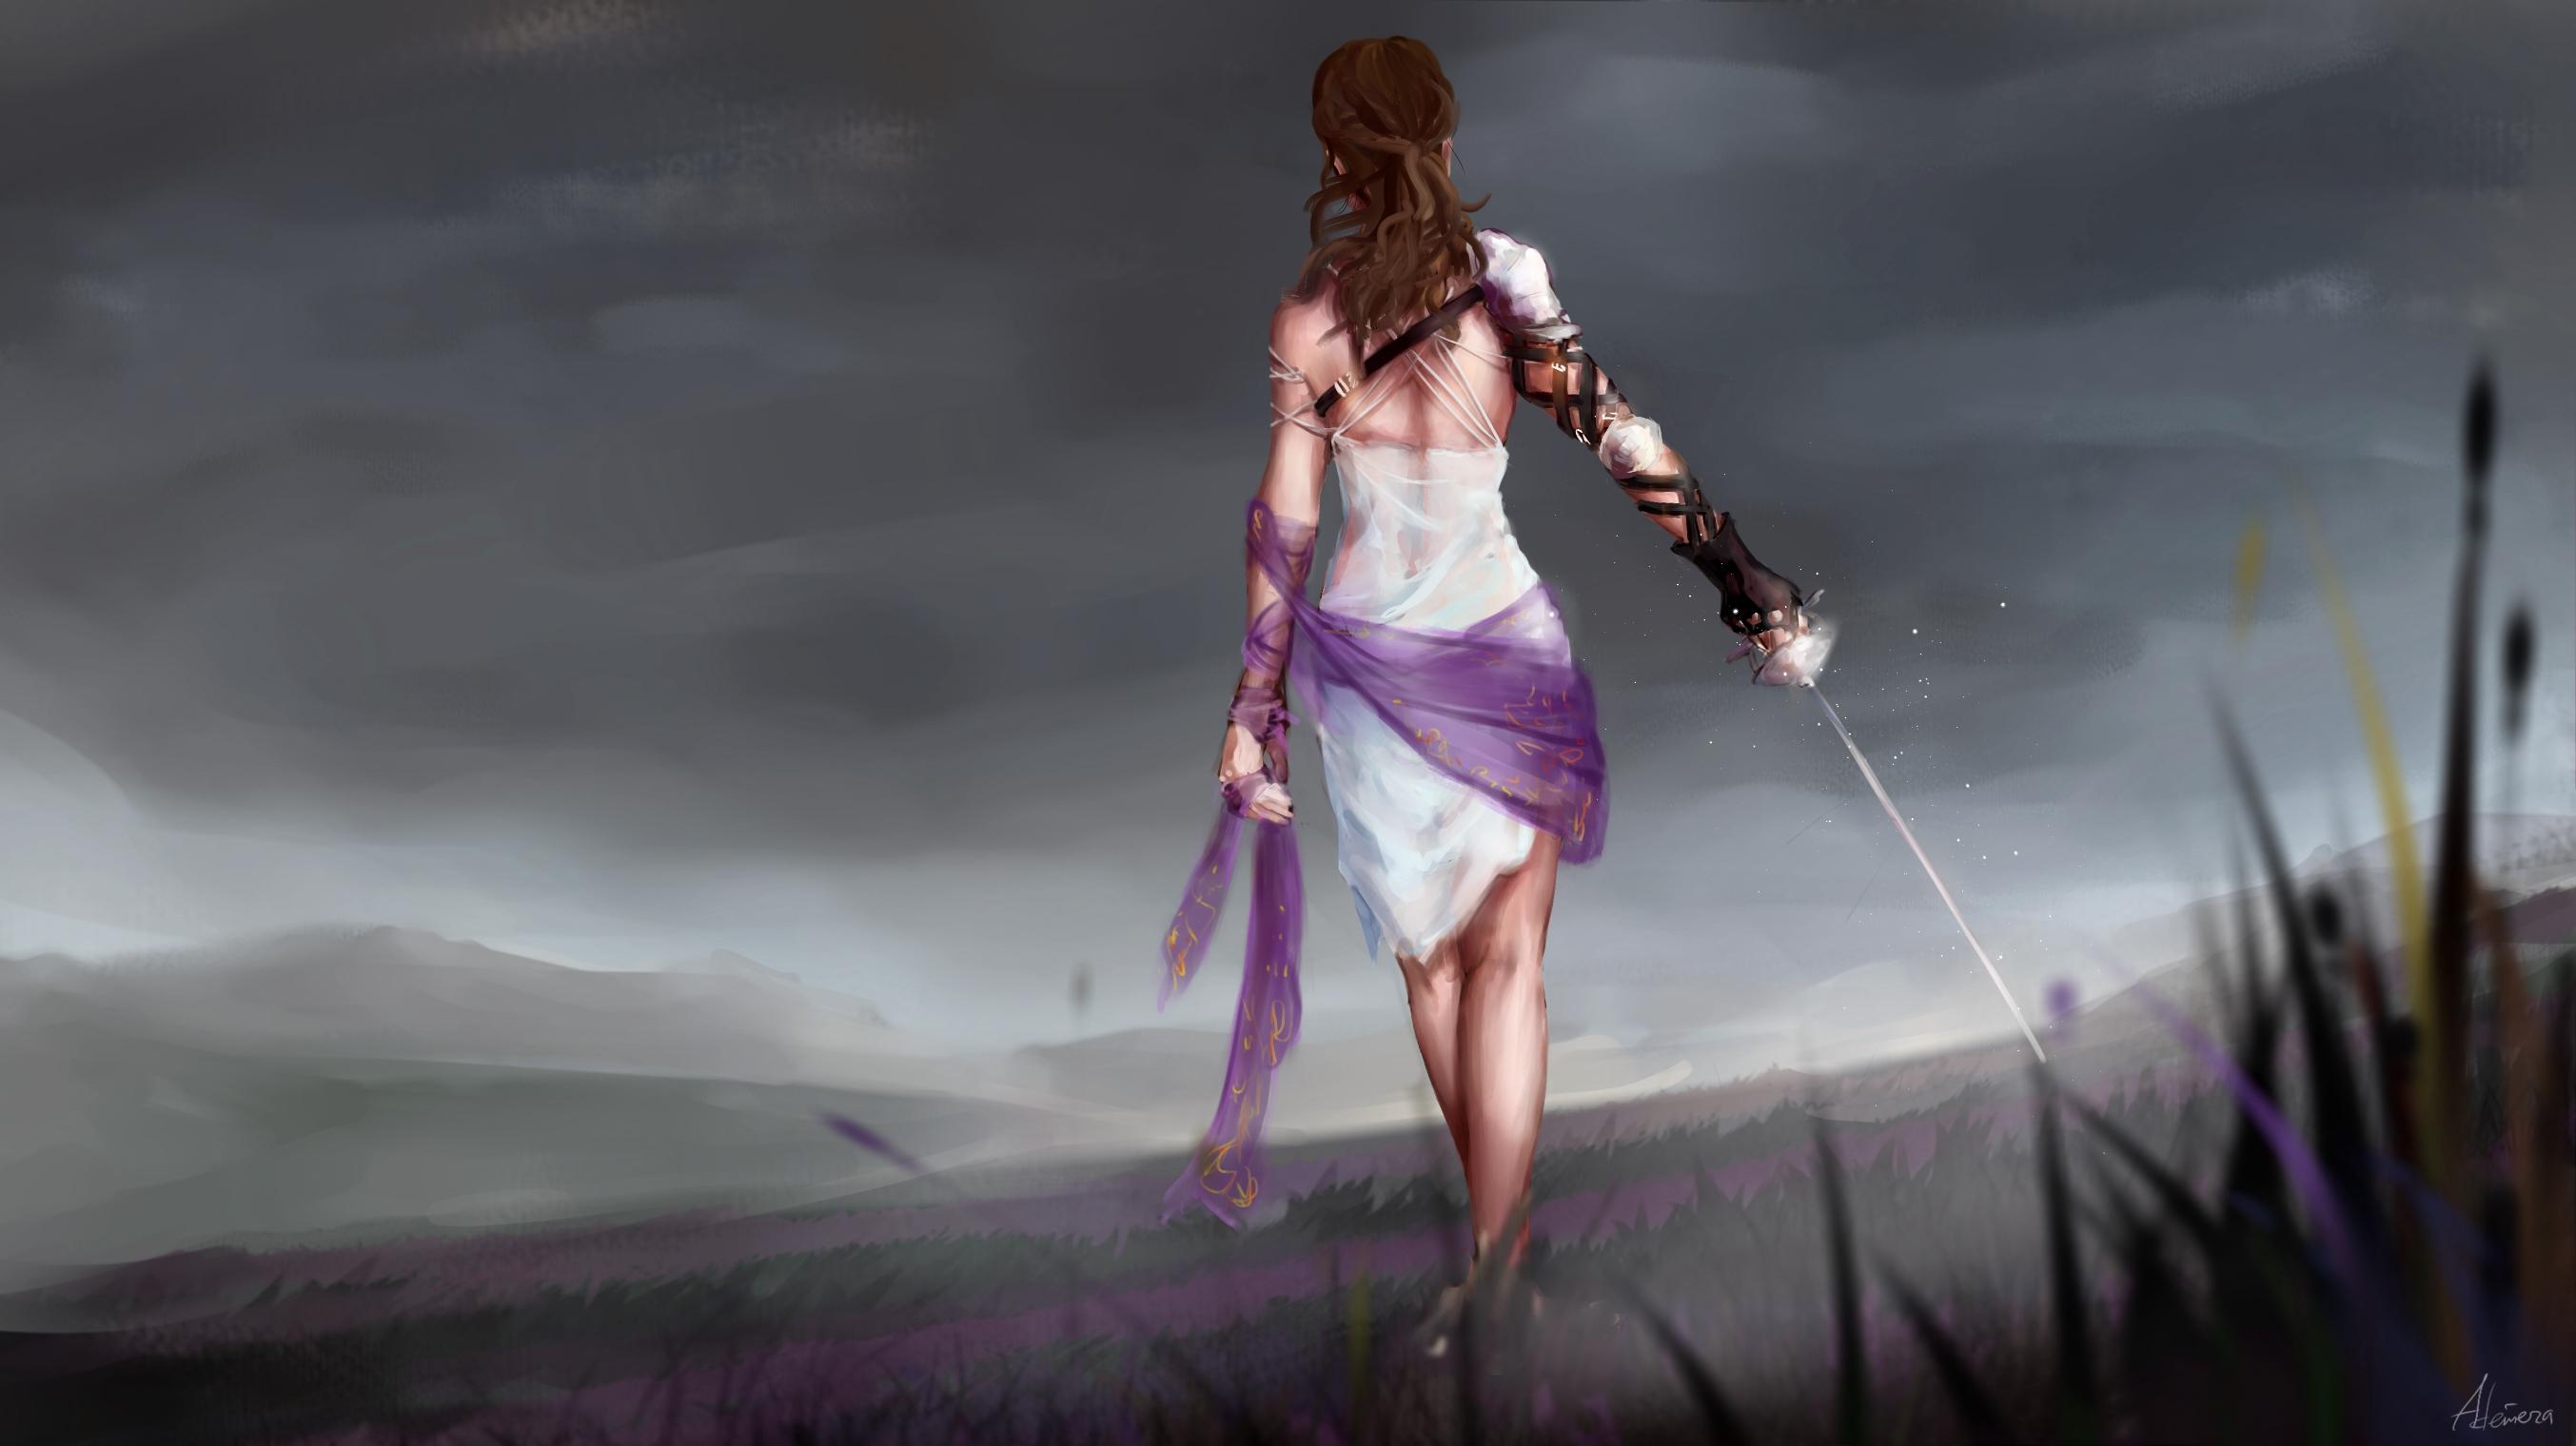 Girl Woman Woman Warrior Sky Landscape 2707x1520